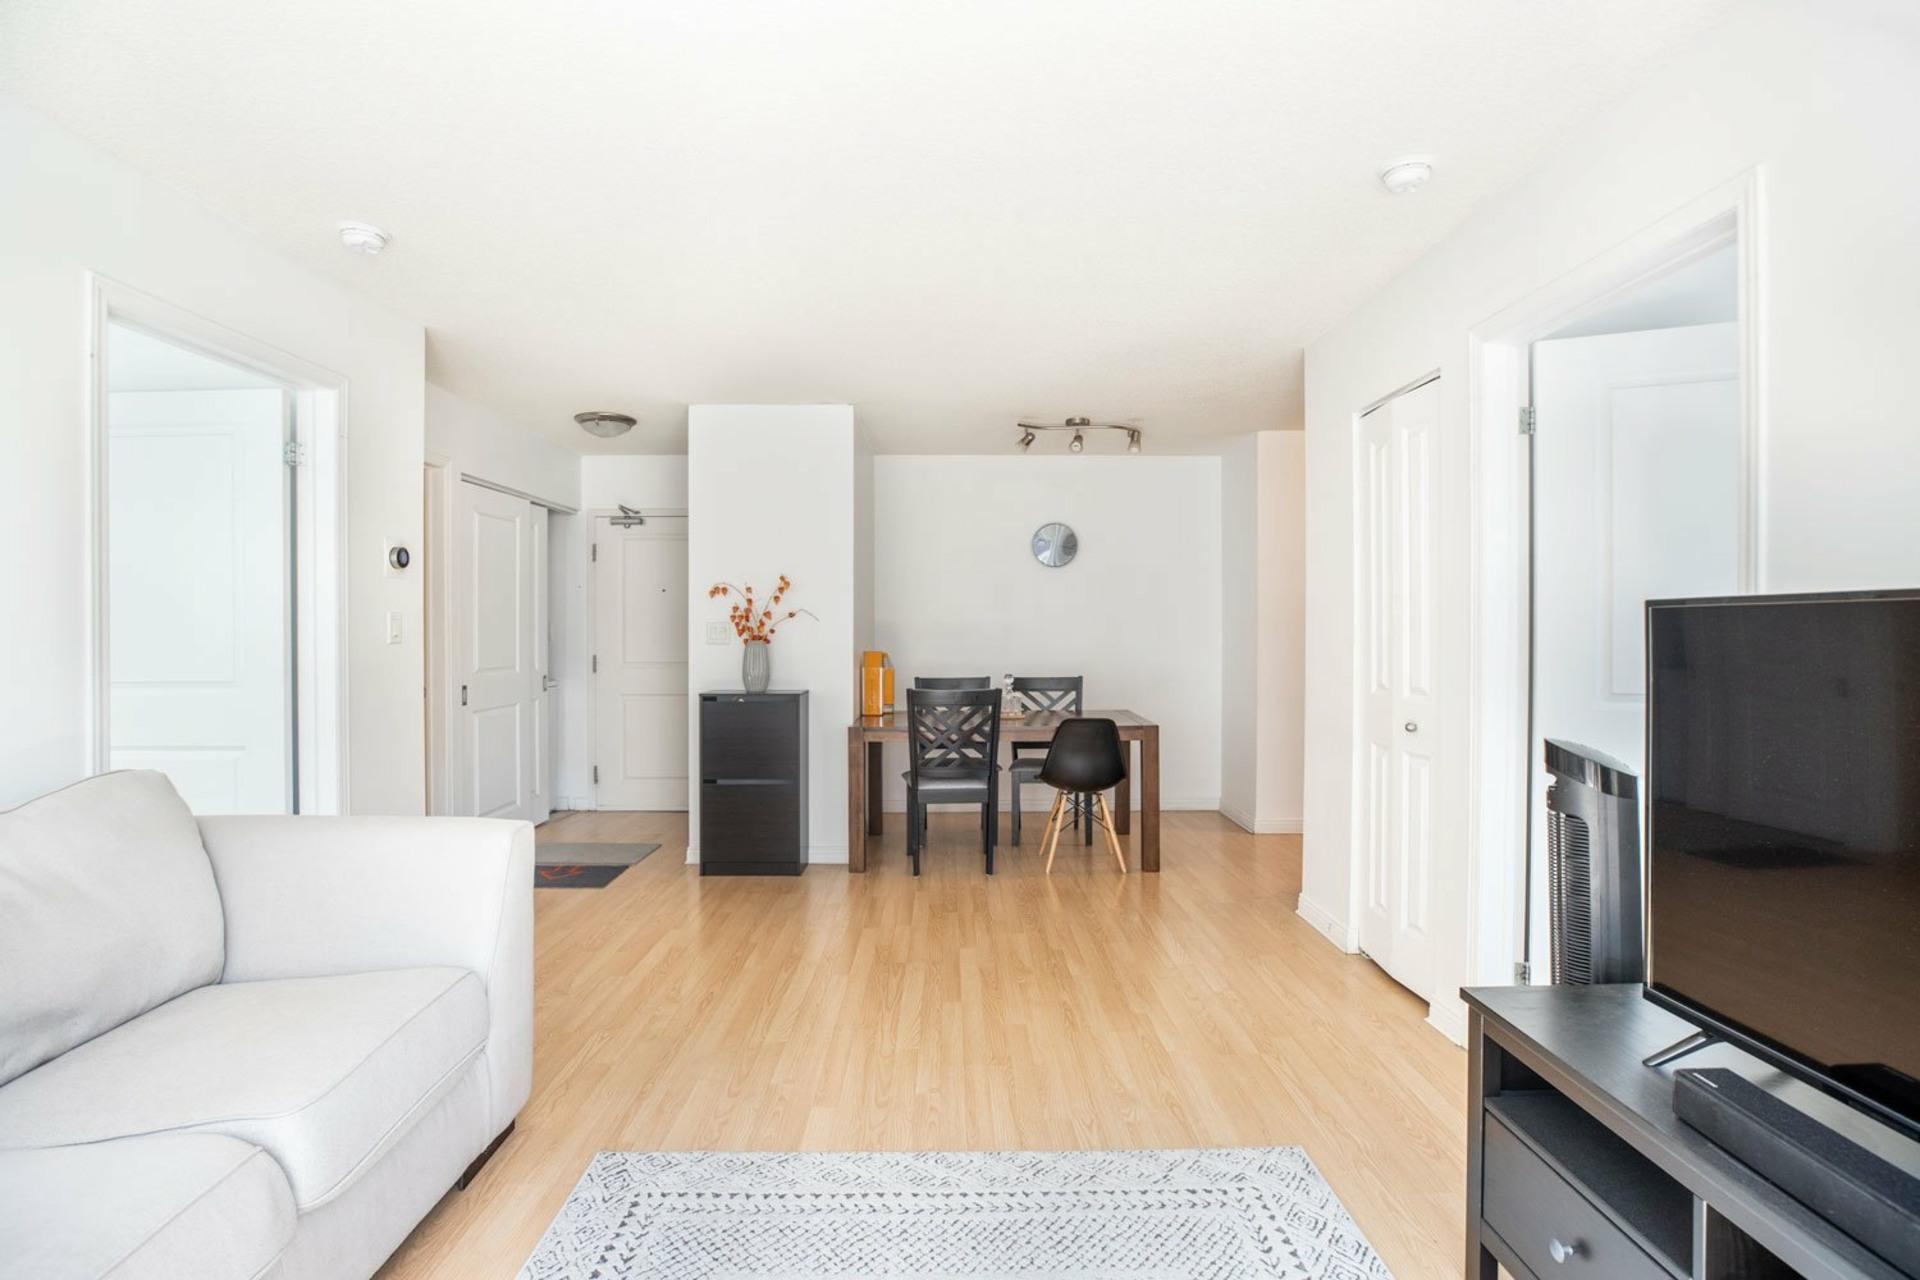 image 7 - Appartement À vendre Ville-Marie Montréal  - 4 pièces